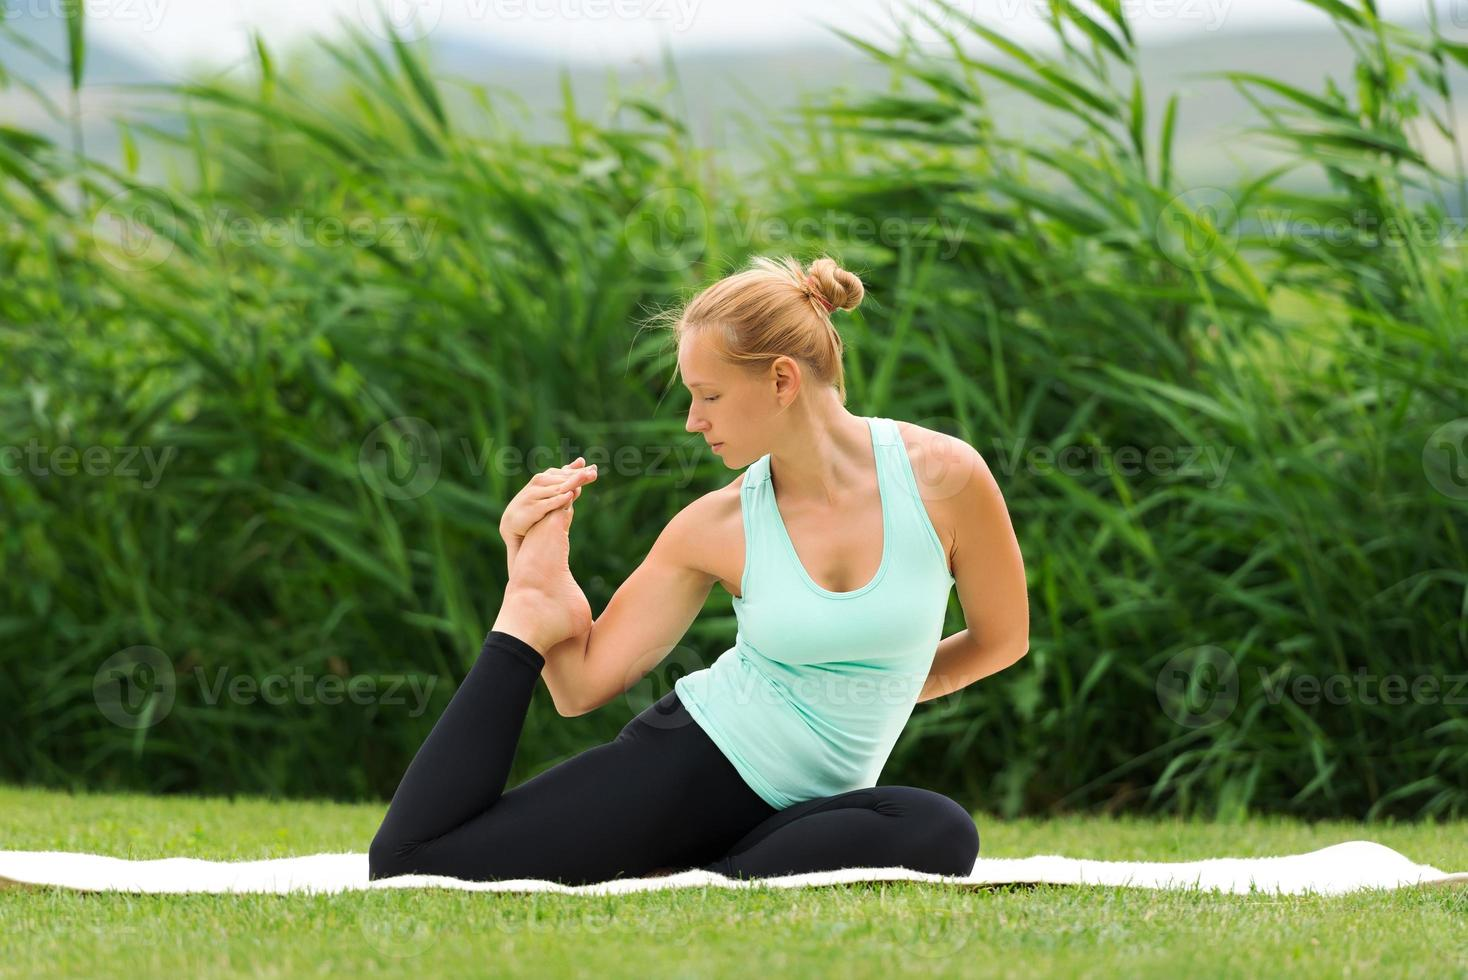 mulher fazendo yoga pose de pombo rei de pernas foto